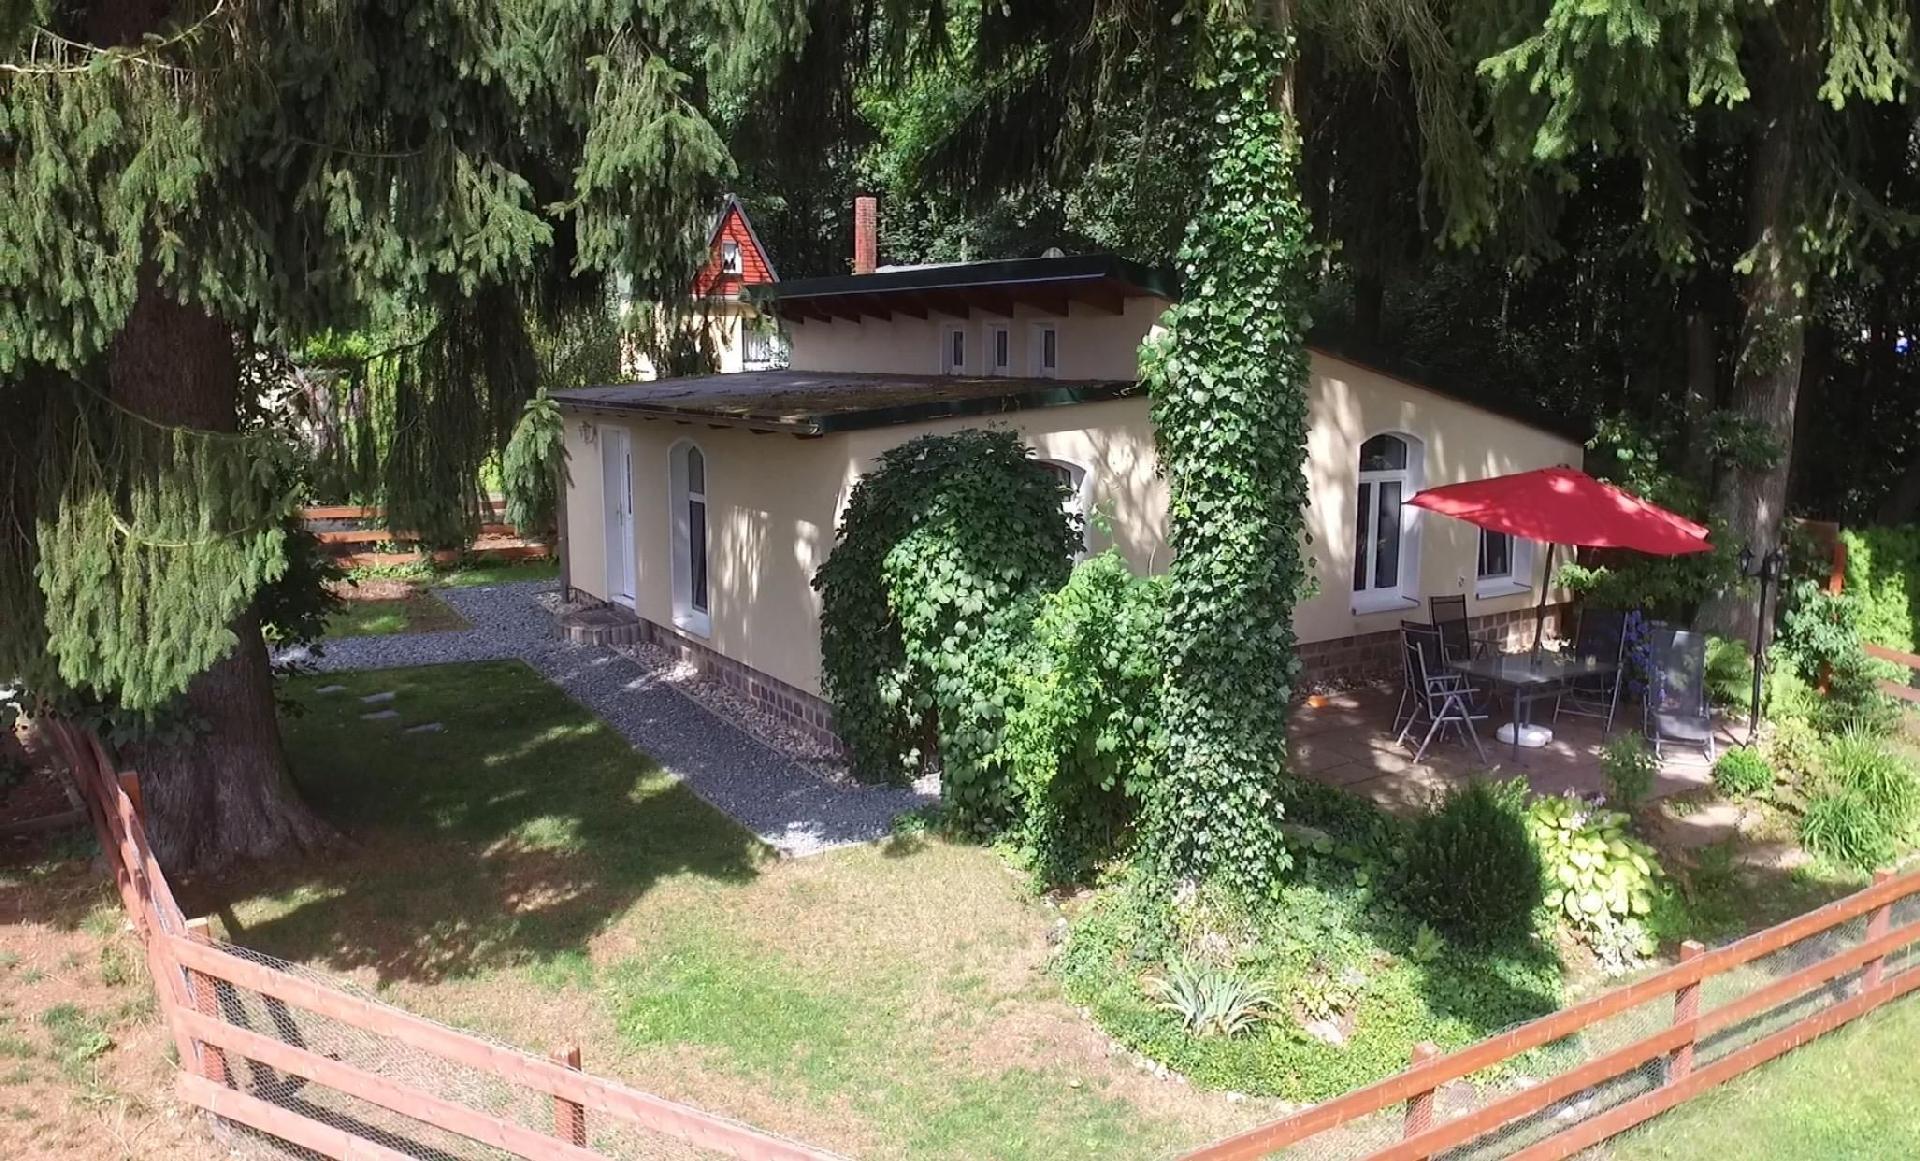 Ferienhaus für 2 Personen  + 1 Kind ca. 50 m&